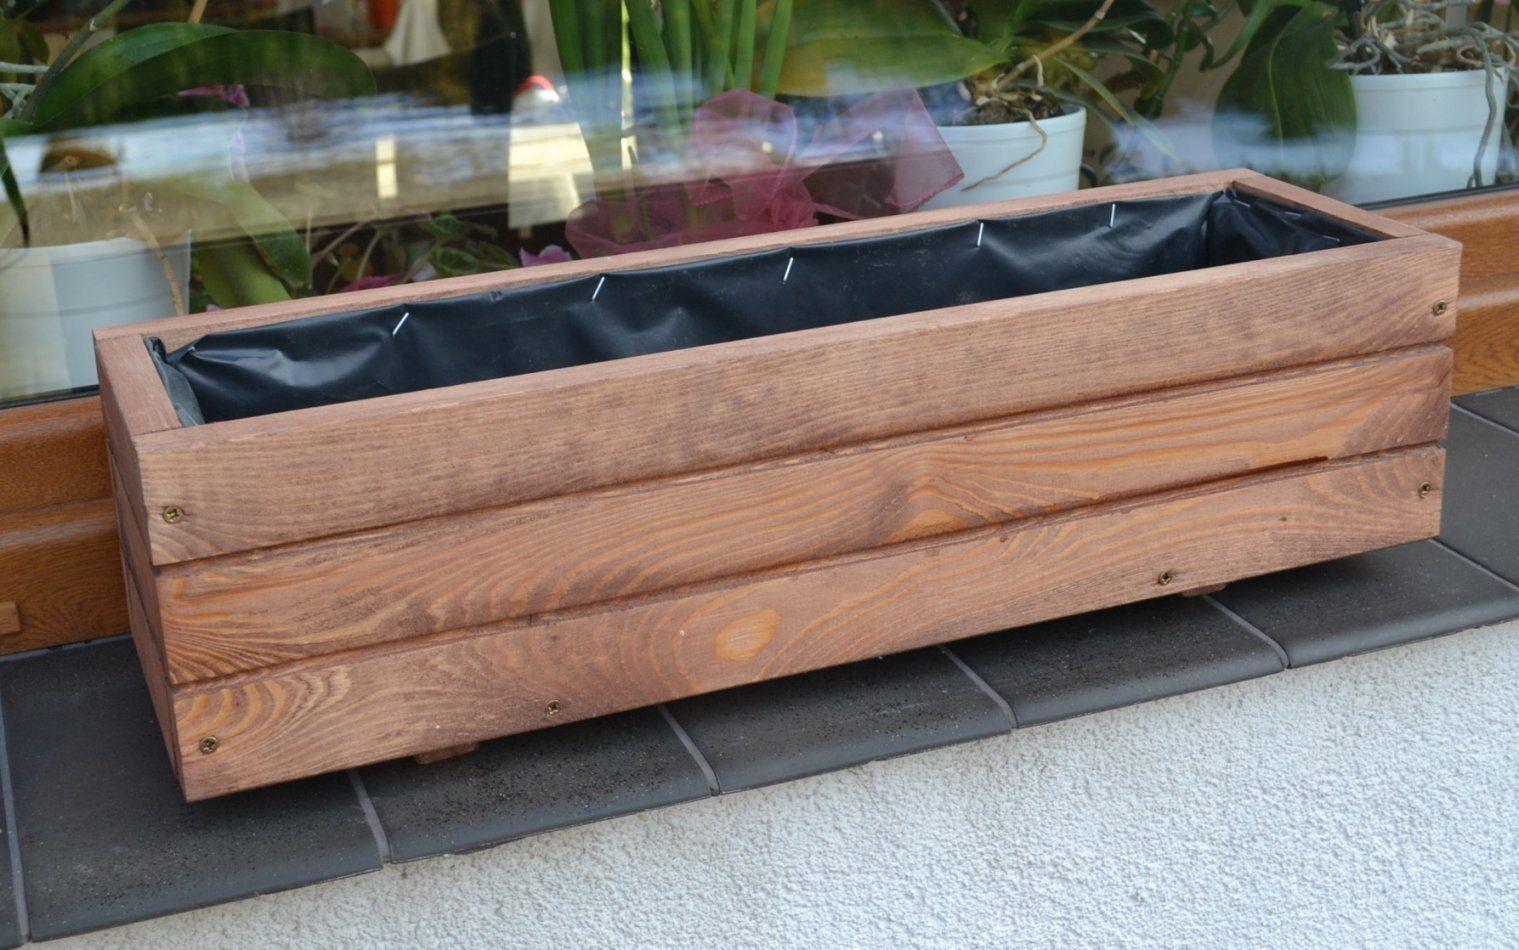 Pflanzkübel Holz D2 Pflanzkasten 80 100 Cm Xxl Blumenkasten Avec von Pflanzkübel Aus Holz Selber Bauen Bild